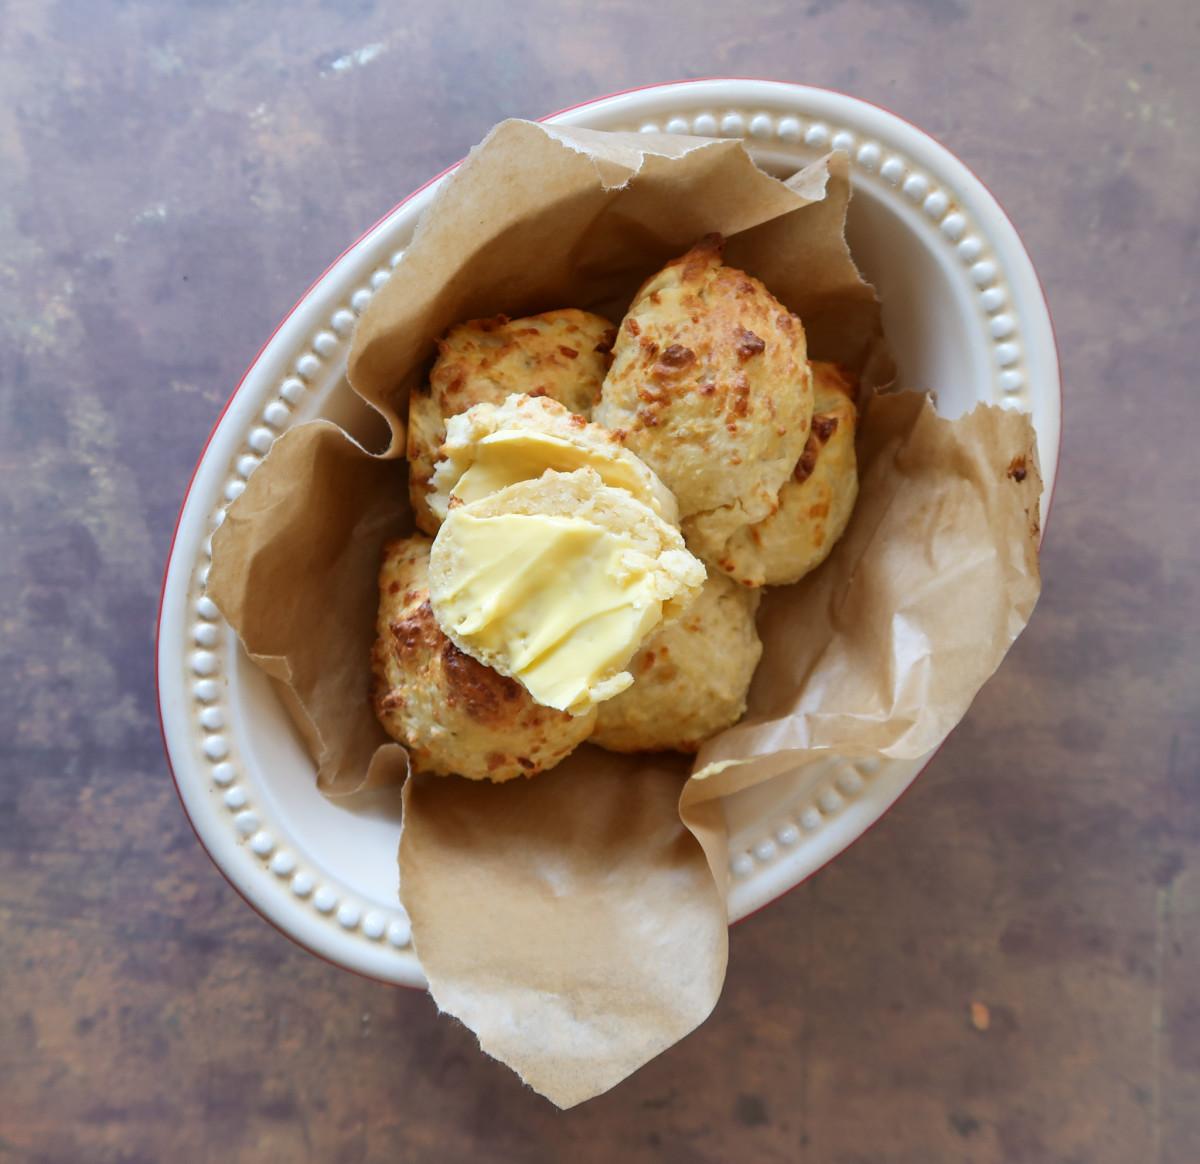 Air fryer cheese scones